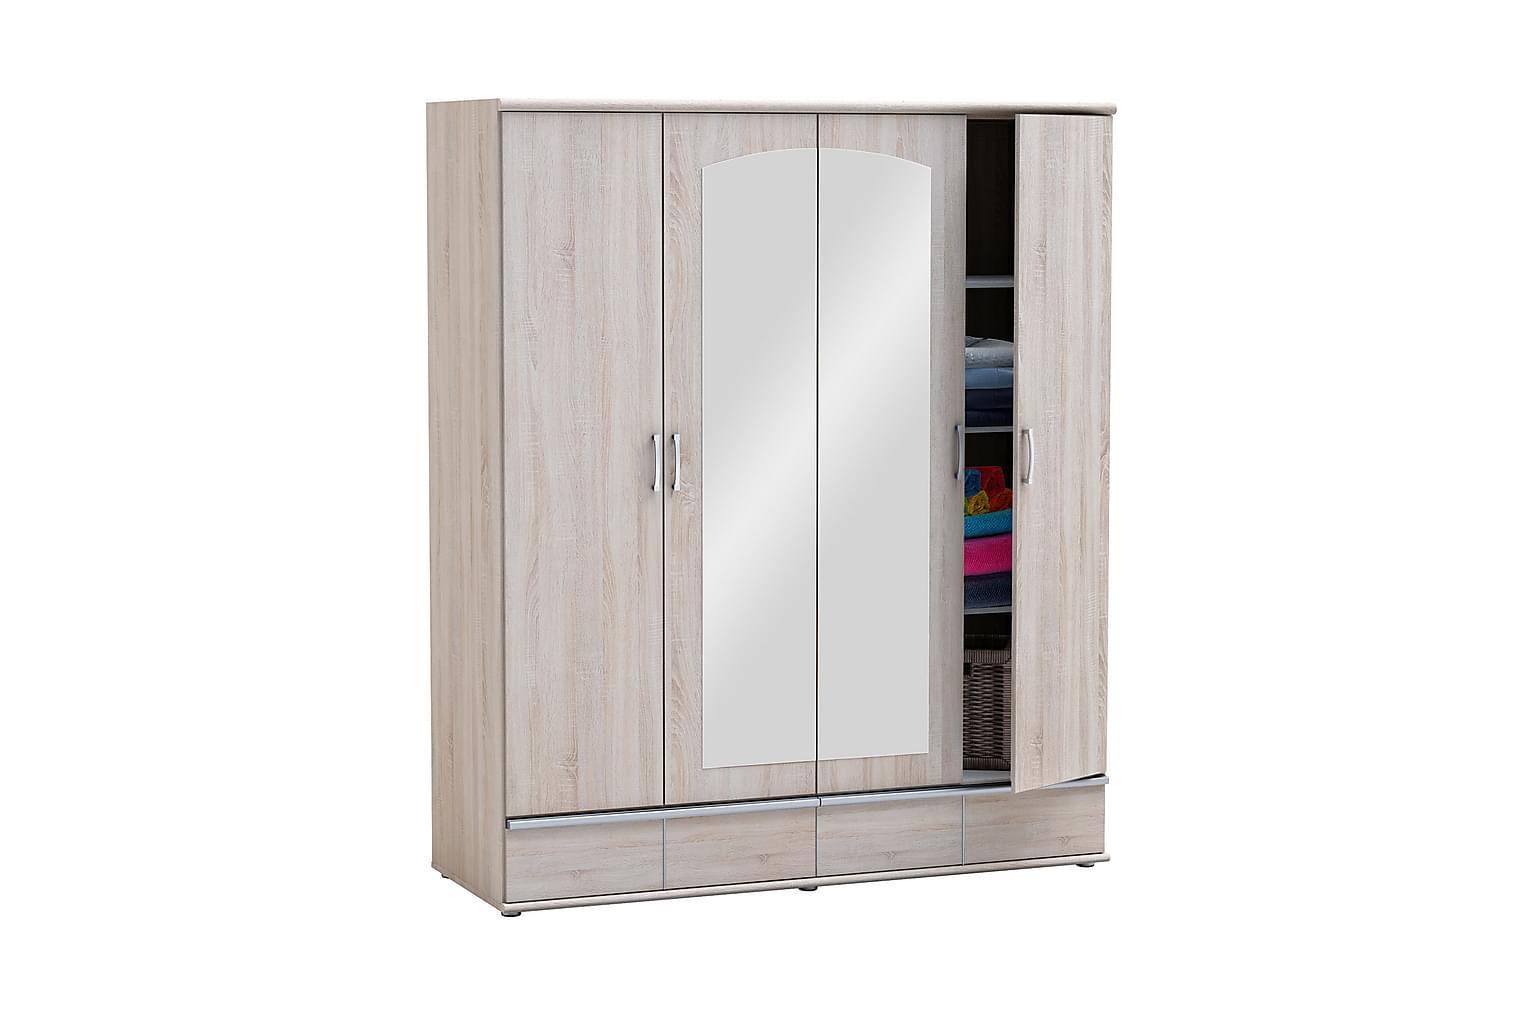 Square SQUARE Garderob 172 Ek-Borstad -